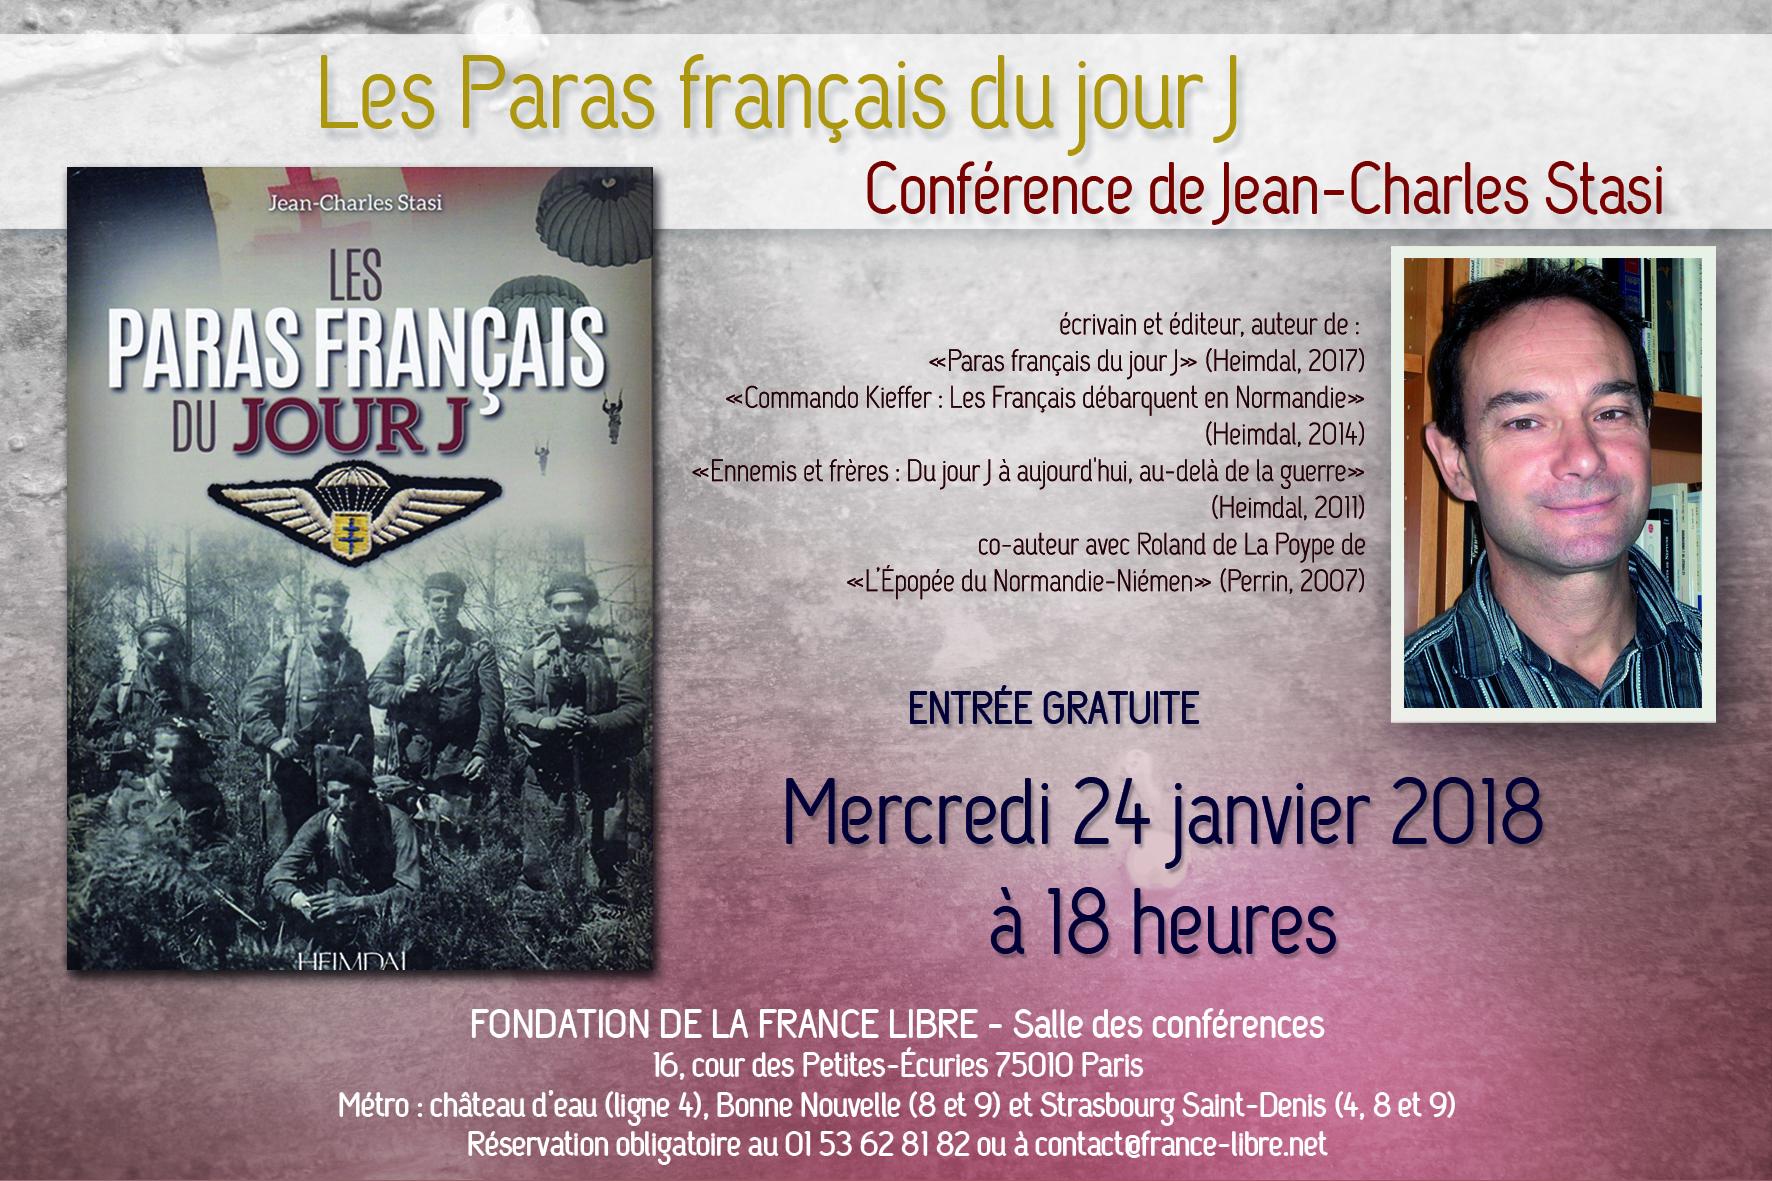 Les Paras français du jour J (conférence)